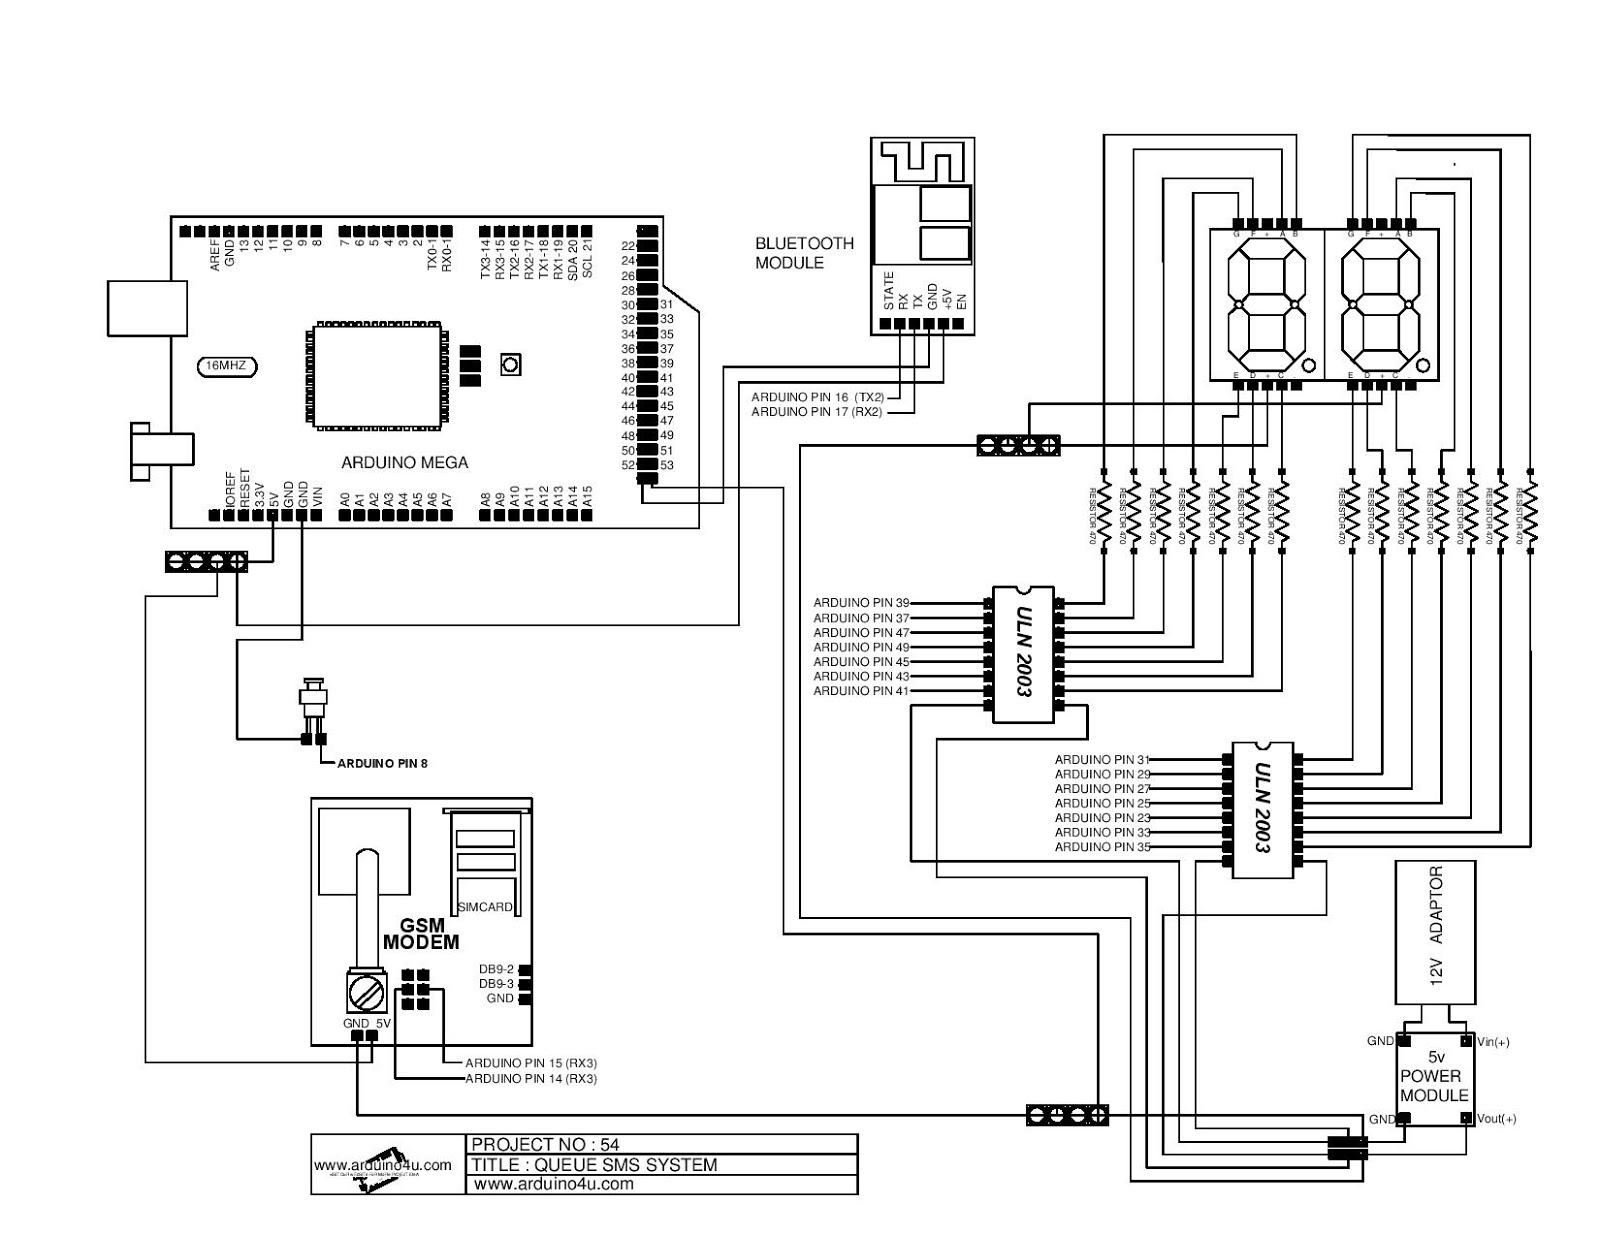 Projek Elektronik Arduino4u.com: 54.SMS queue system